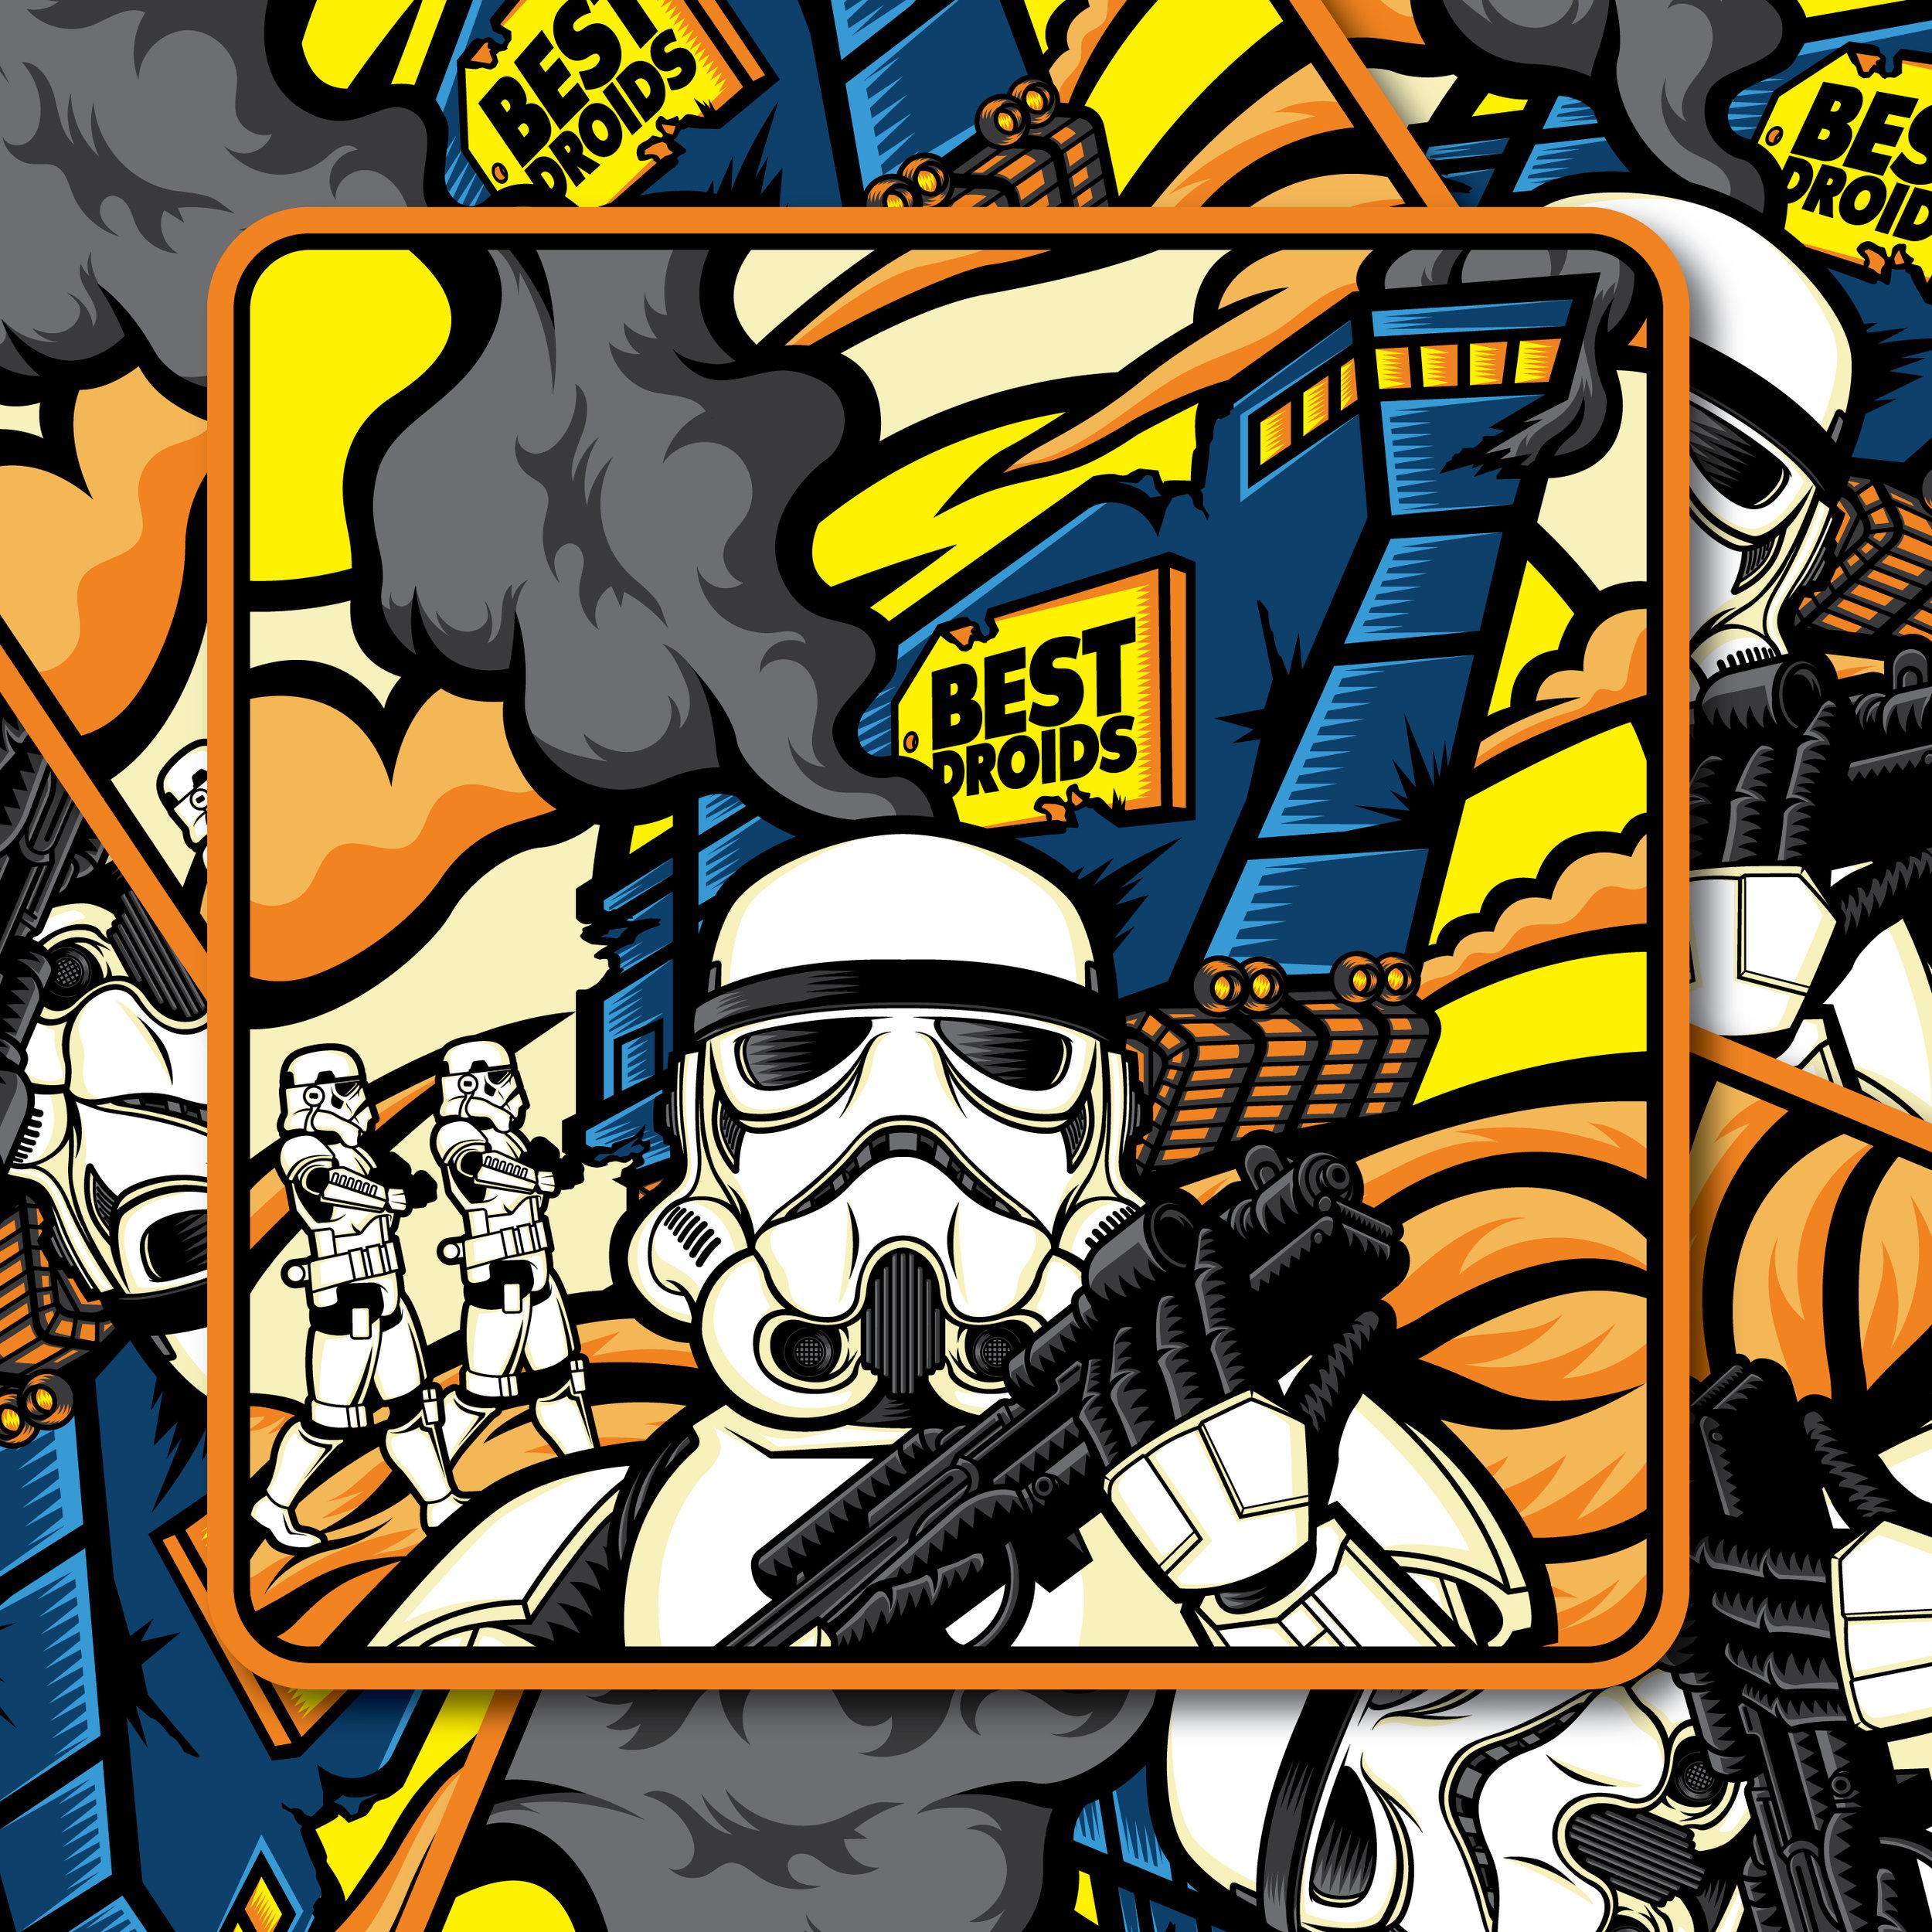 DP-BestDroids-Trooper-Social_3.jpg